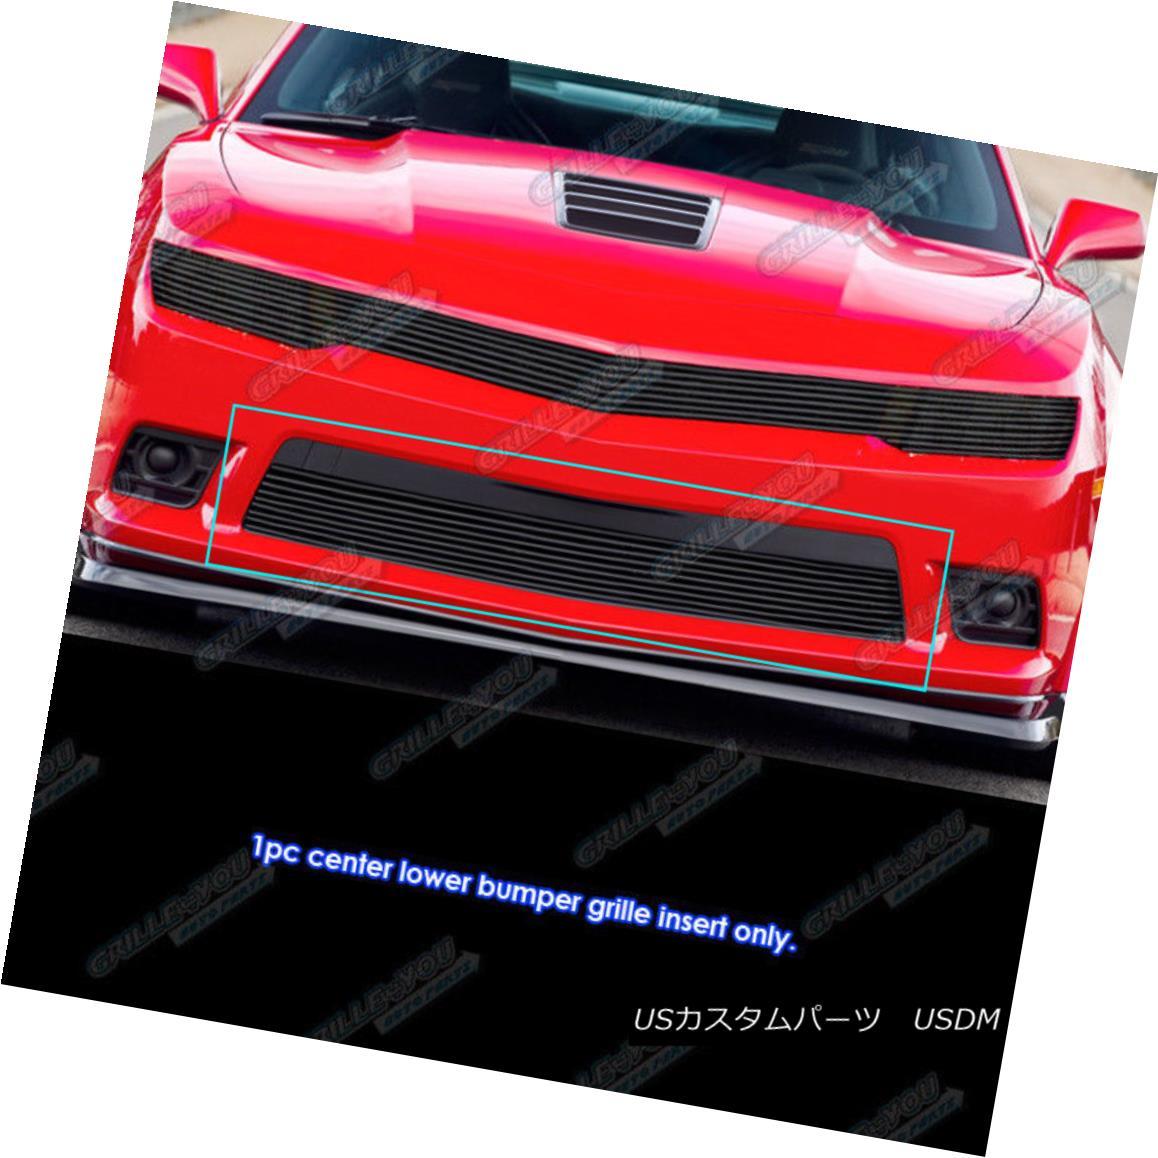 グリル Fits 2014-2015 Chevy Camaro LS/LT/LT With RS Package Black Bumper Billet Grille フィット2014-2015シボレーカマロRSパッケージ付きLS / LT / LTブラックバンパービレットグリル